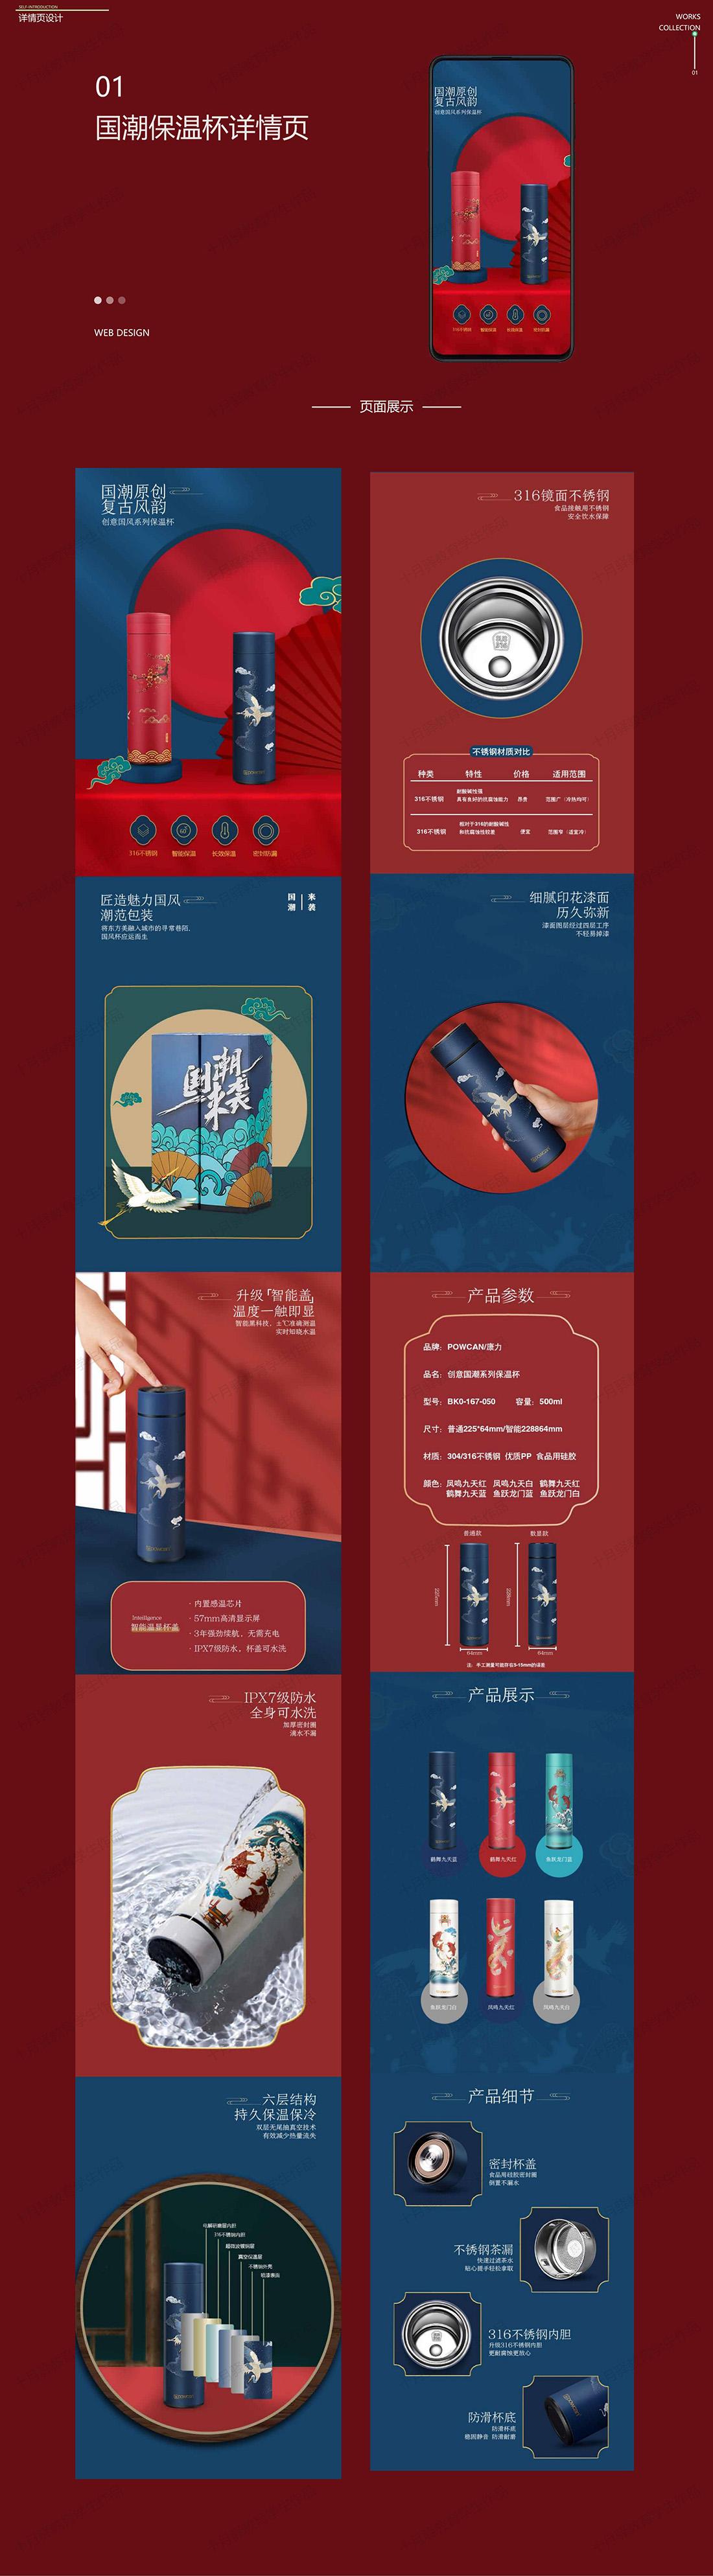 排列作品集最終壓 2101王美 麥肯醫療5000+_03.jpg